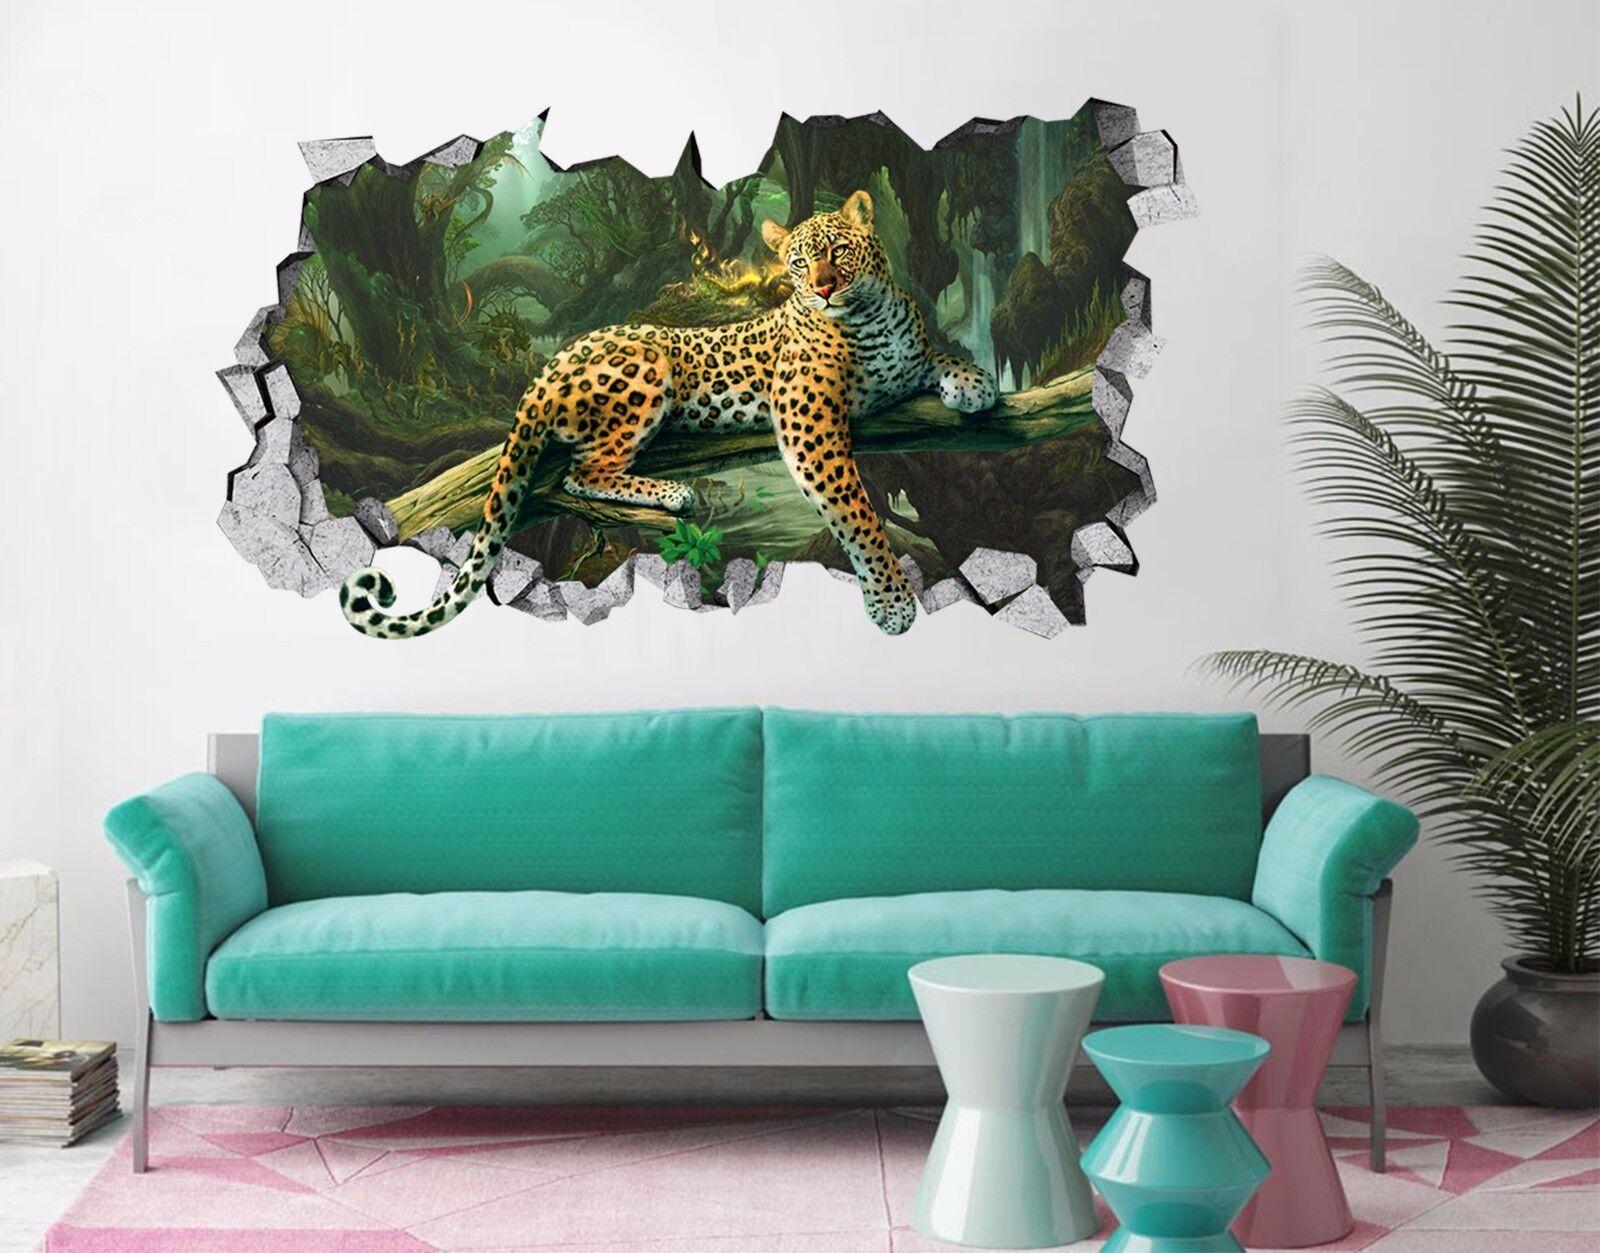 3D Waldleopard 55 Mauer Murals Aufklebe Decal Durchbruch AJ WALLPAPER DE Lemon